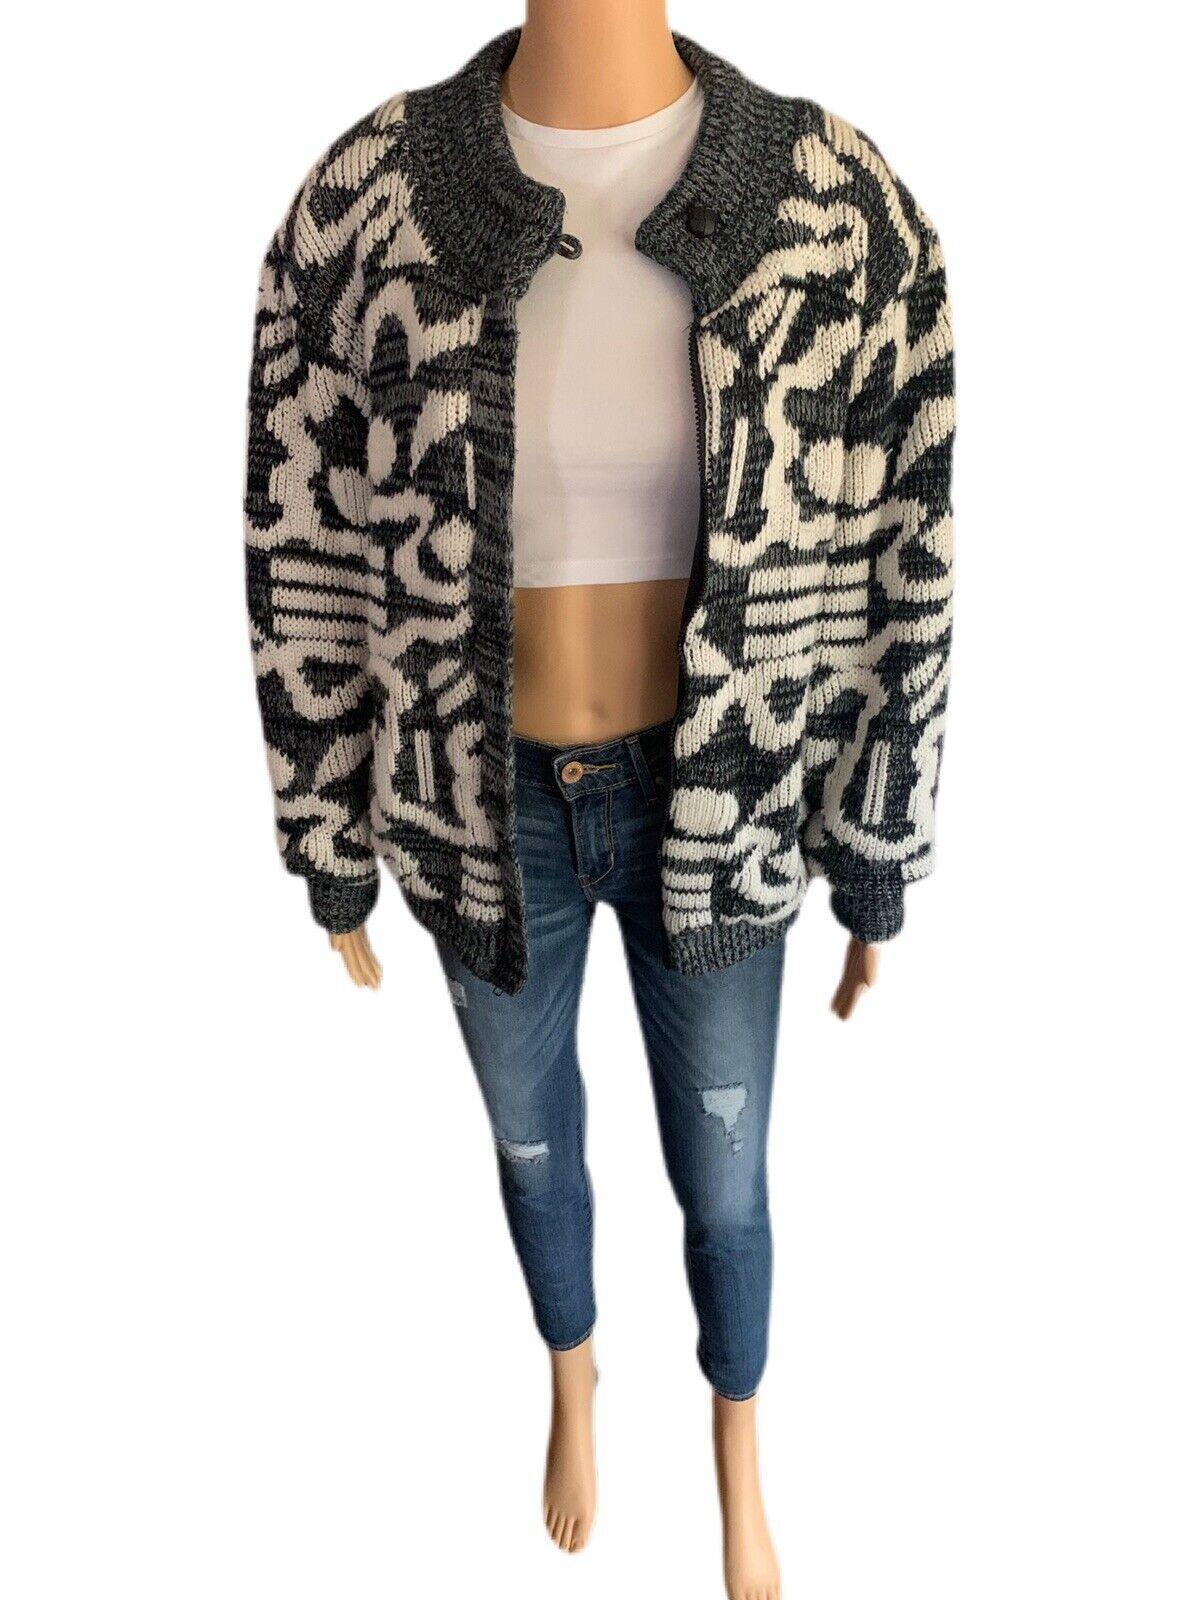 Chimayo Knit Sweater Jacket 80s Vintage Jacket Bo… - image 5